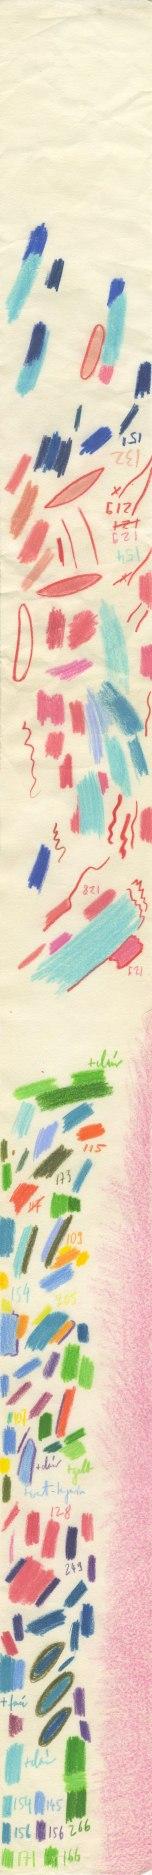 irina-quinterne-streifen-03-97x8cm